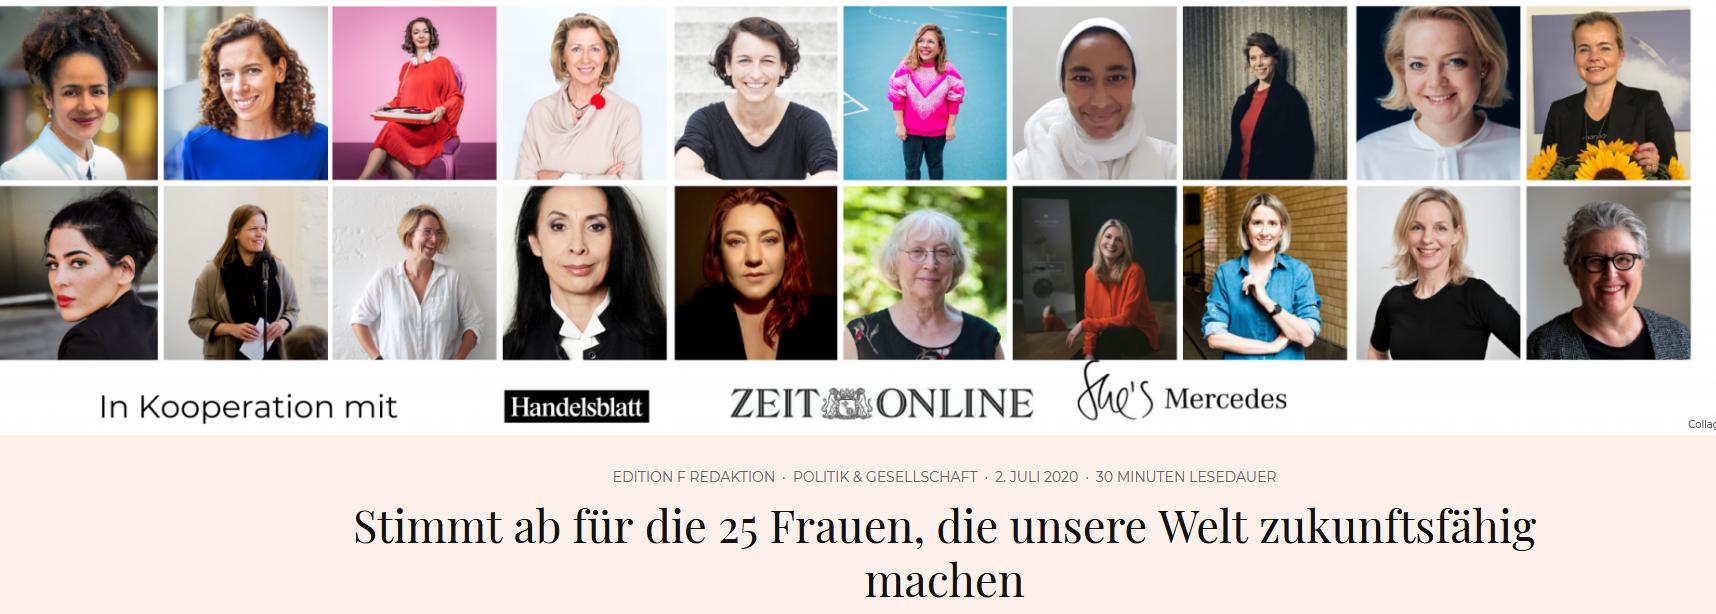 Screenshot von Edition F zum 25 Frauen Award